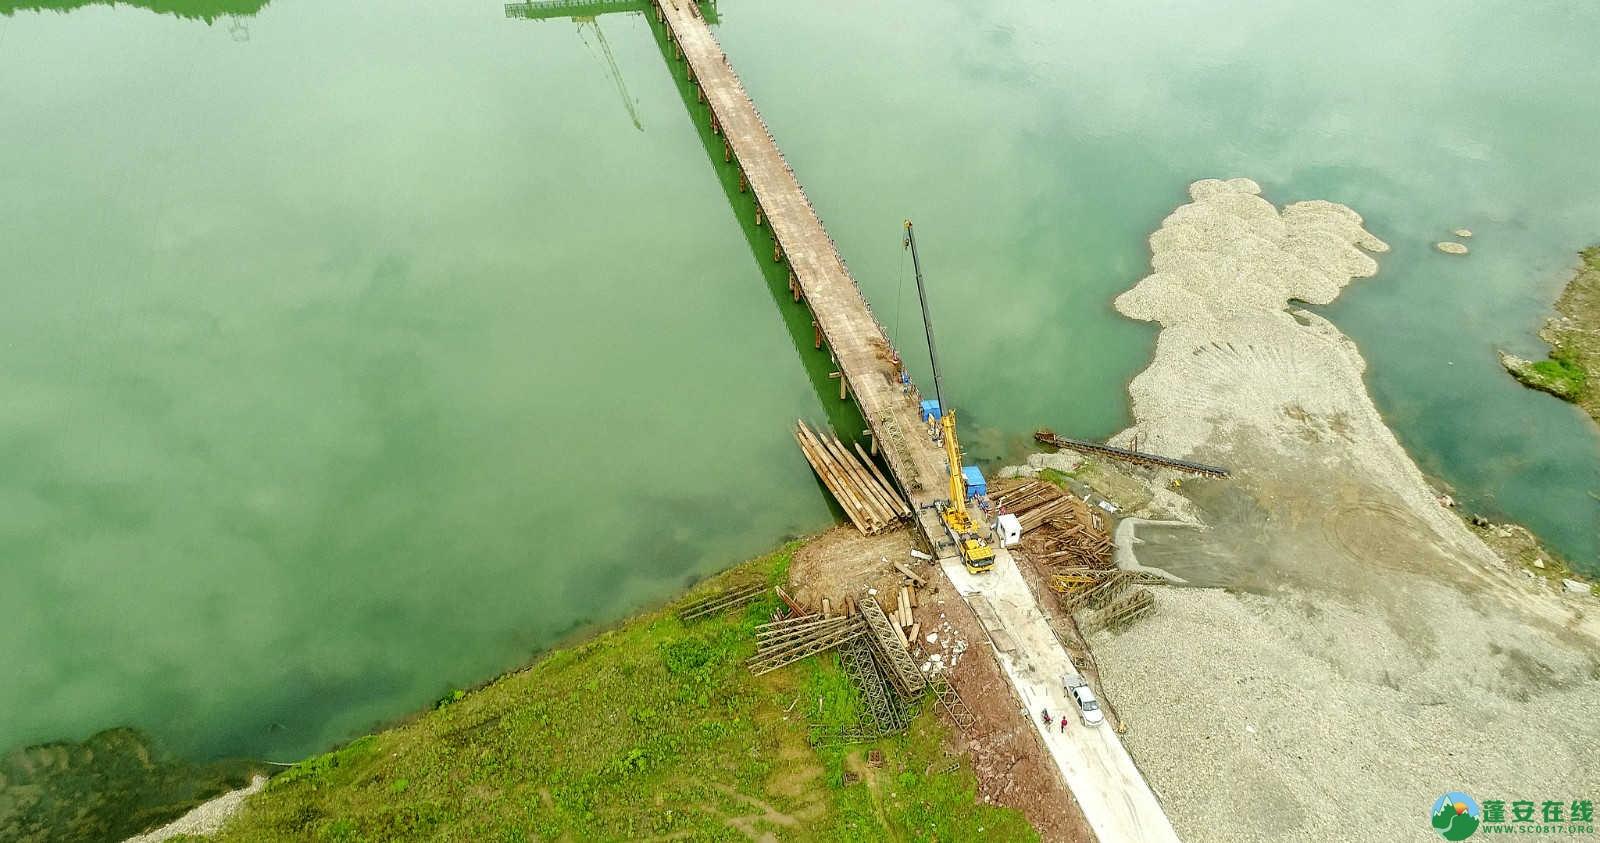 蓬安嘉陵江一桥修建进(2019年5月11日) - 第13张  | 蓬安在线